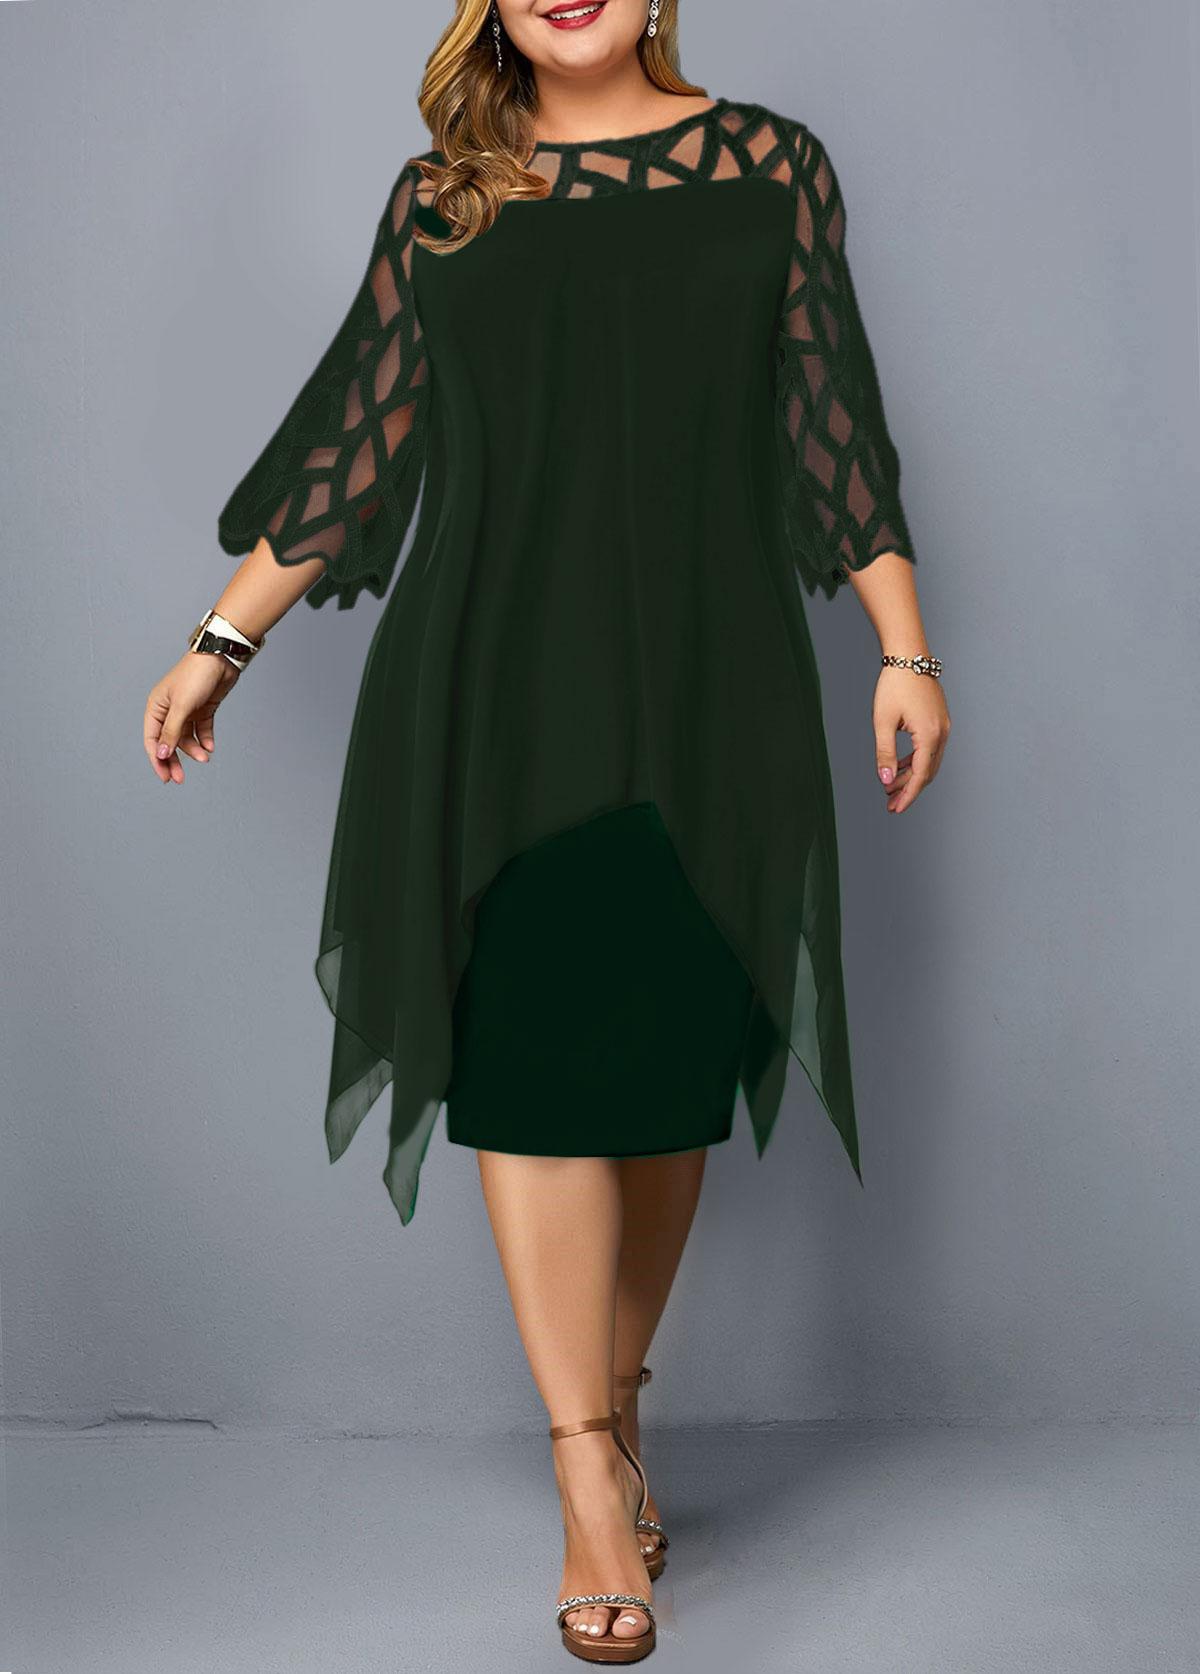 Plus Size Mesh Panel Overlay Embellished Dress